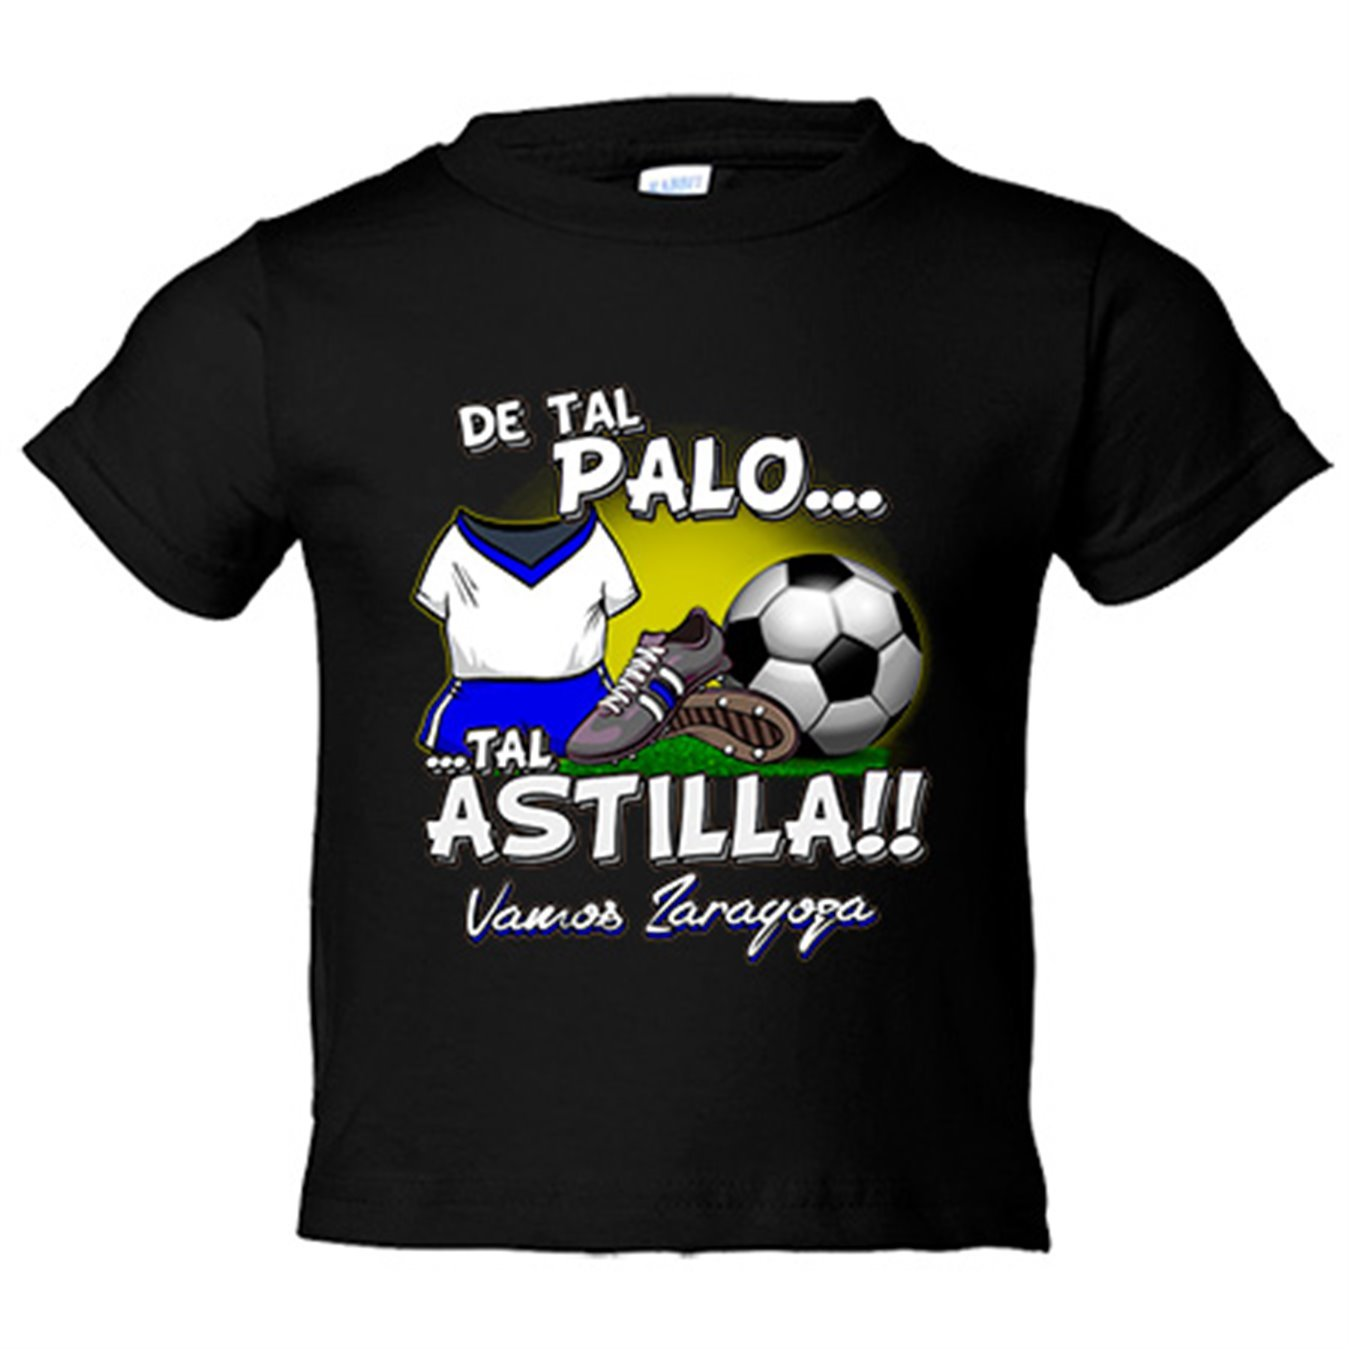 Camiseta niño De tal palo tal astilla Zaragoza fútbol - Amarillo, 3-4 años: Amazon.es: Bebé